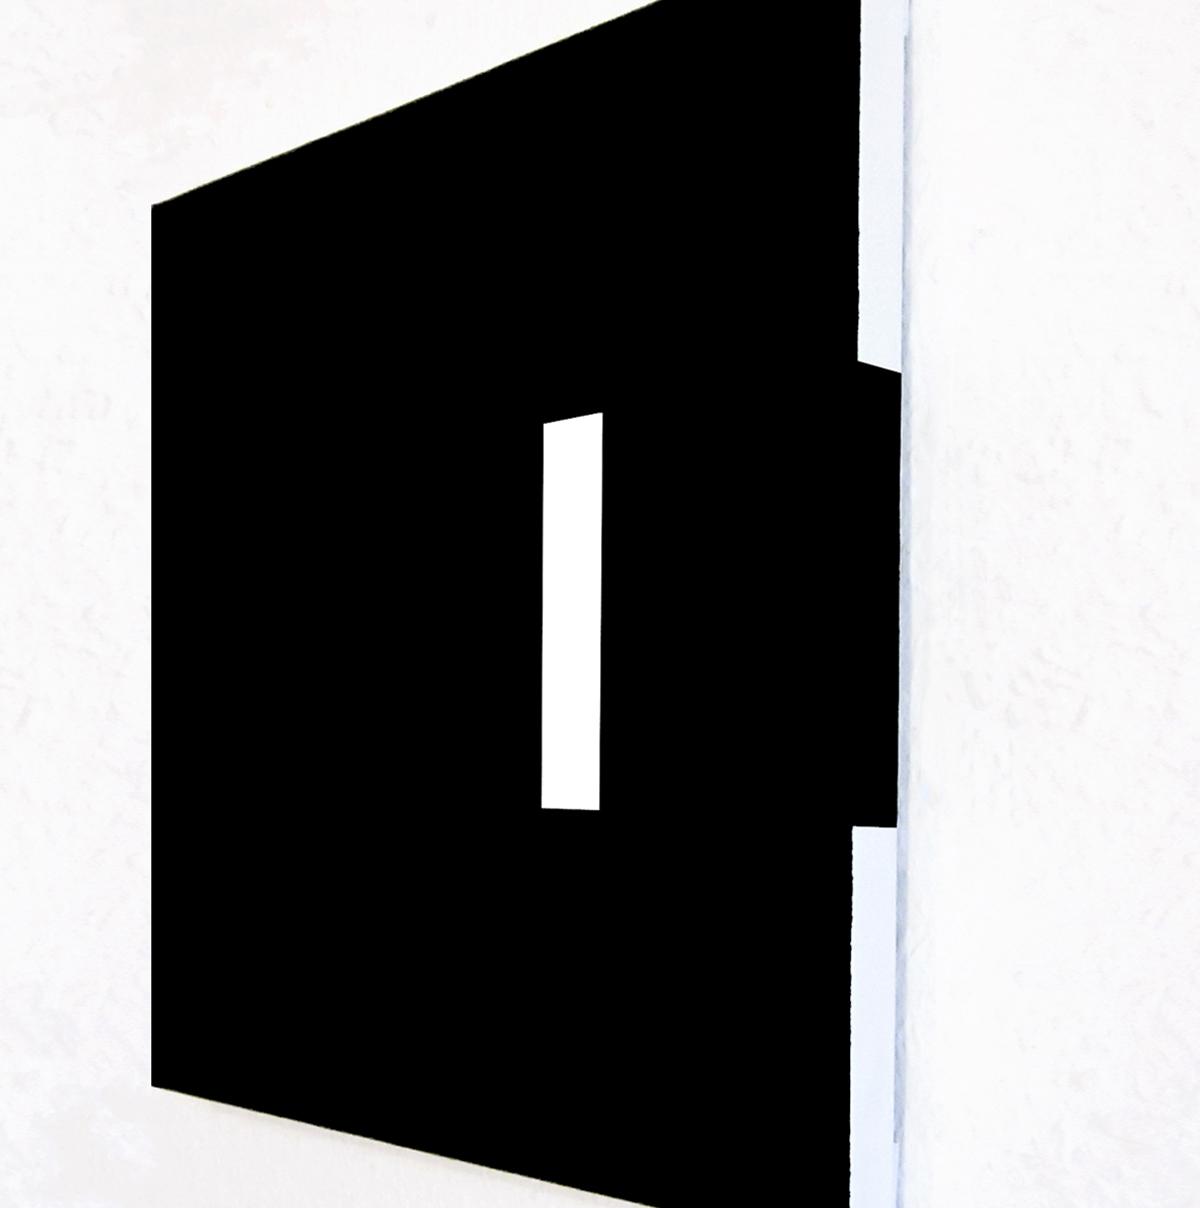 Peinture Minimal Space – 30x30 / Peinture acrylique sur toile, vernis satiné